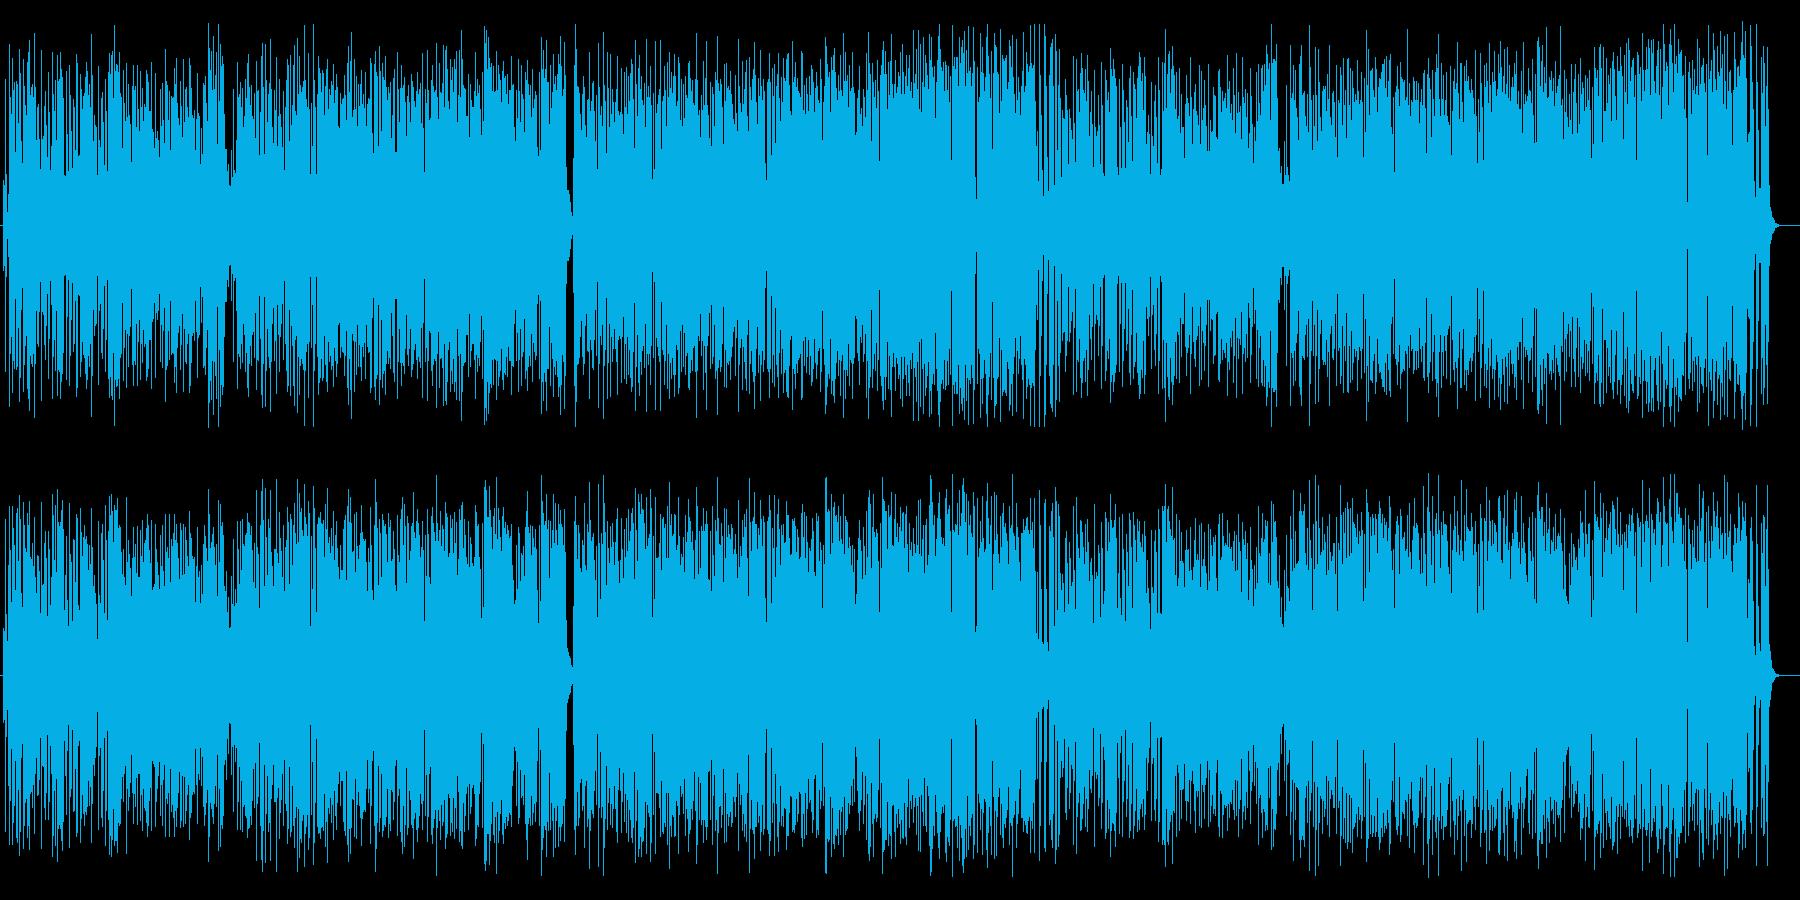 ピアノバッキングが心地良い軽快なポップスの再生済みの波形